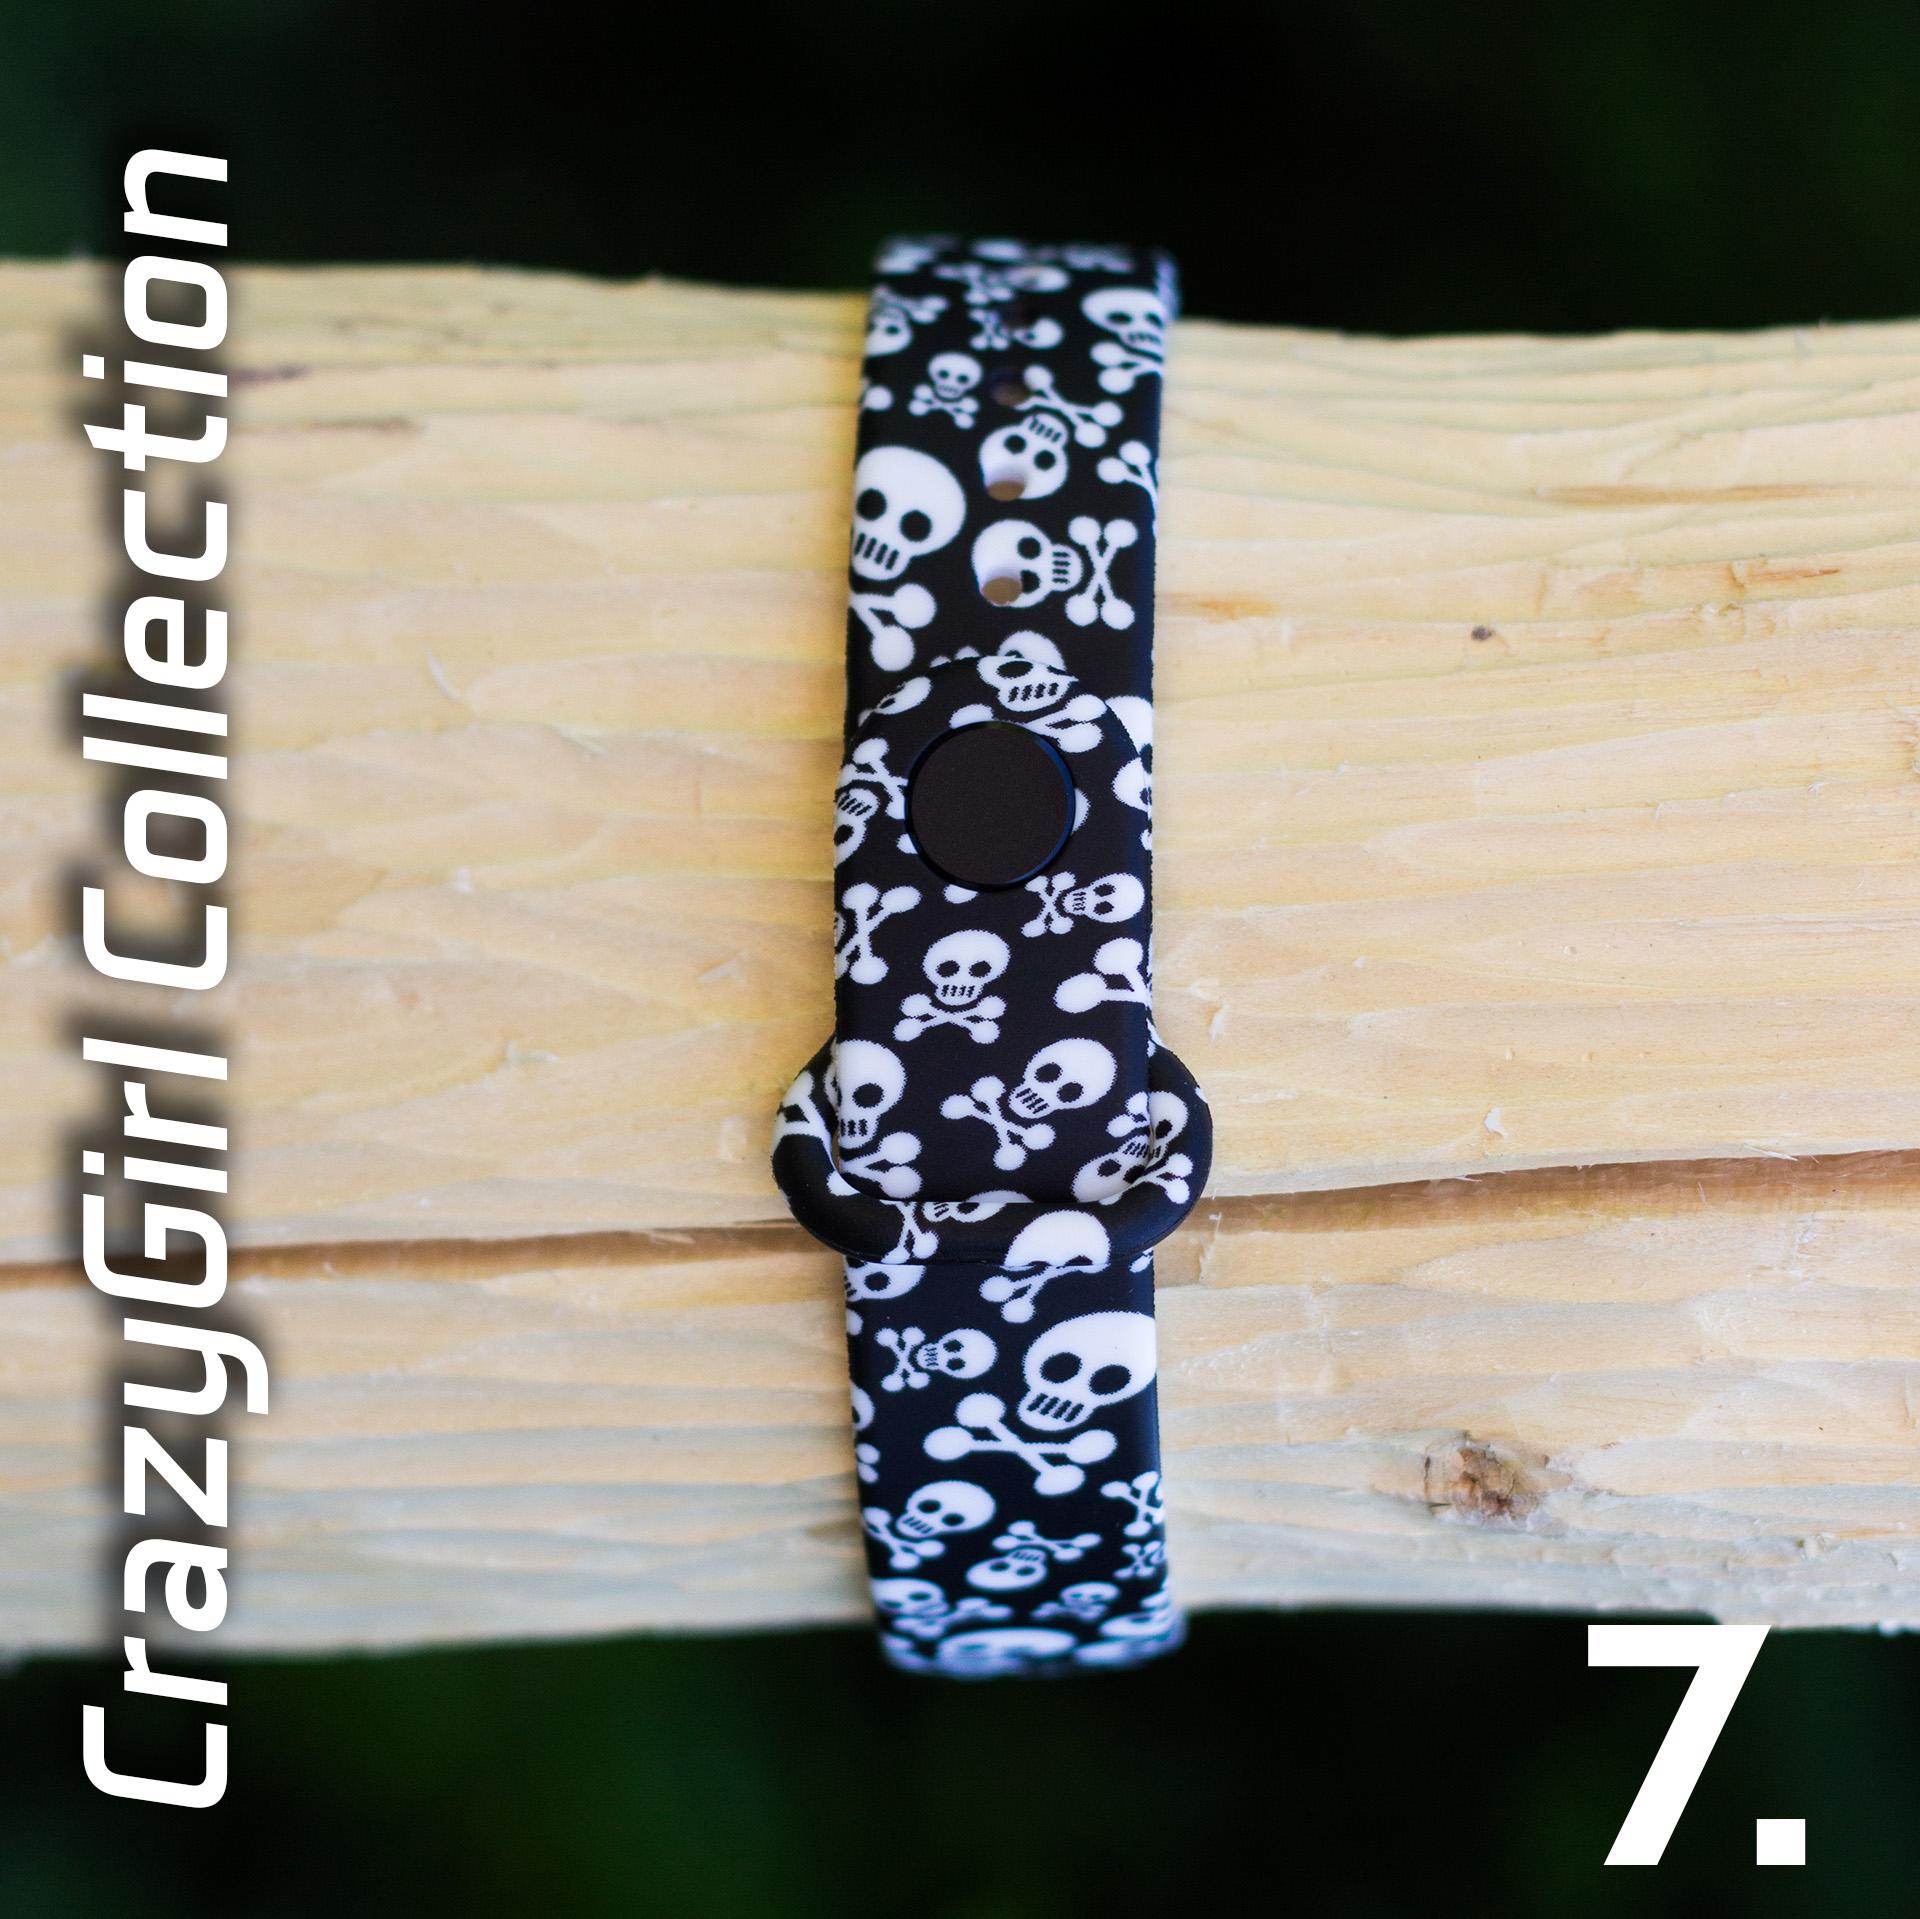 Mi Band 3 szilikon pánt - CrazyGirl 7